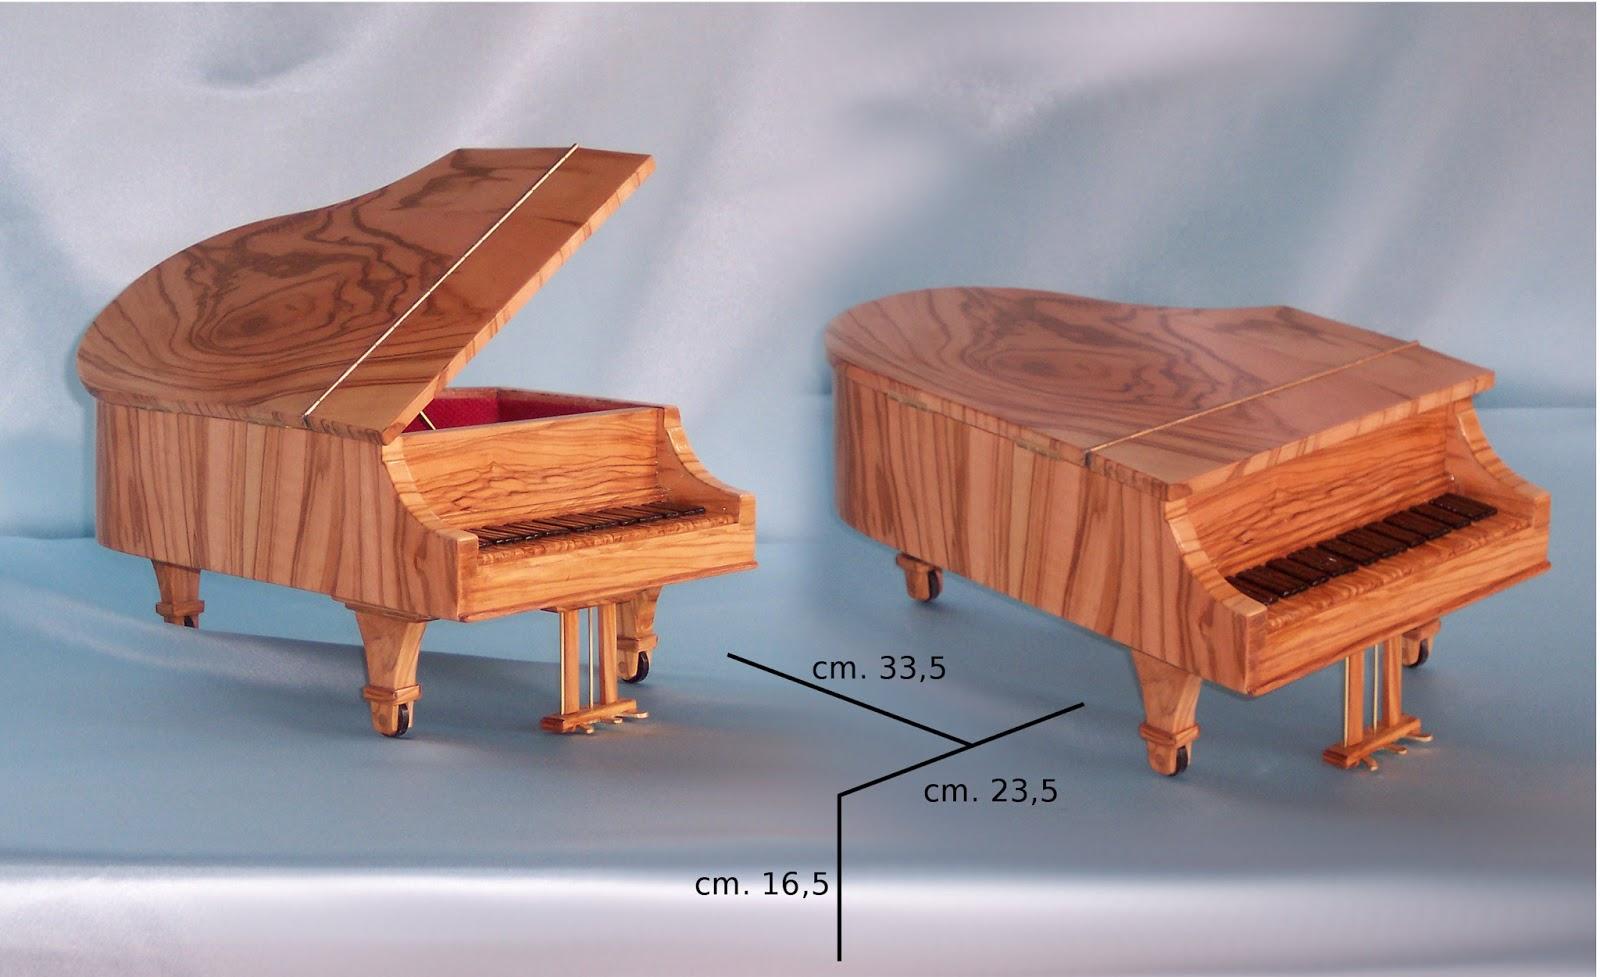 Creazione di piccoli oggetti in legno